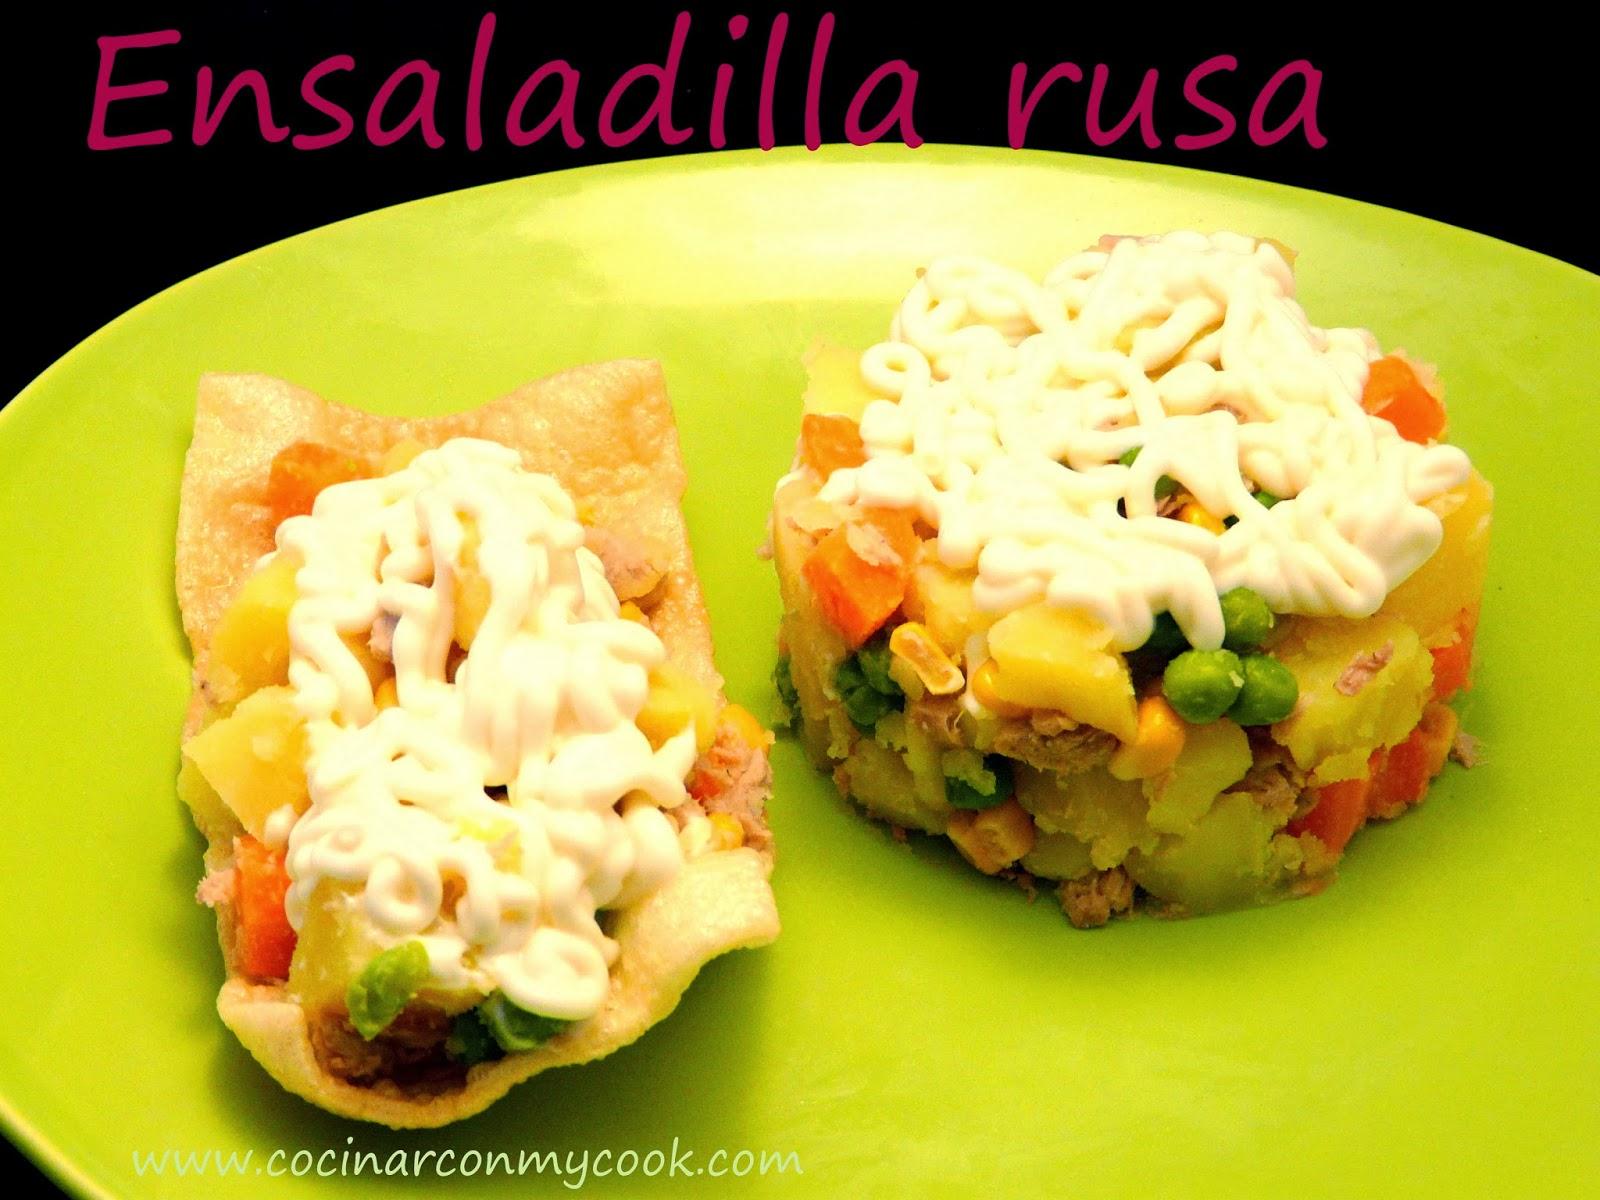 Cocinar con mycook ensaladilla rusa for Cocinar ensaladilla rusa